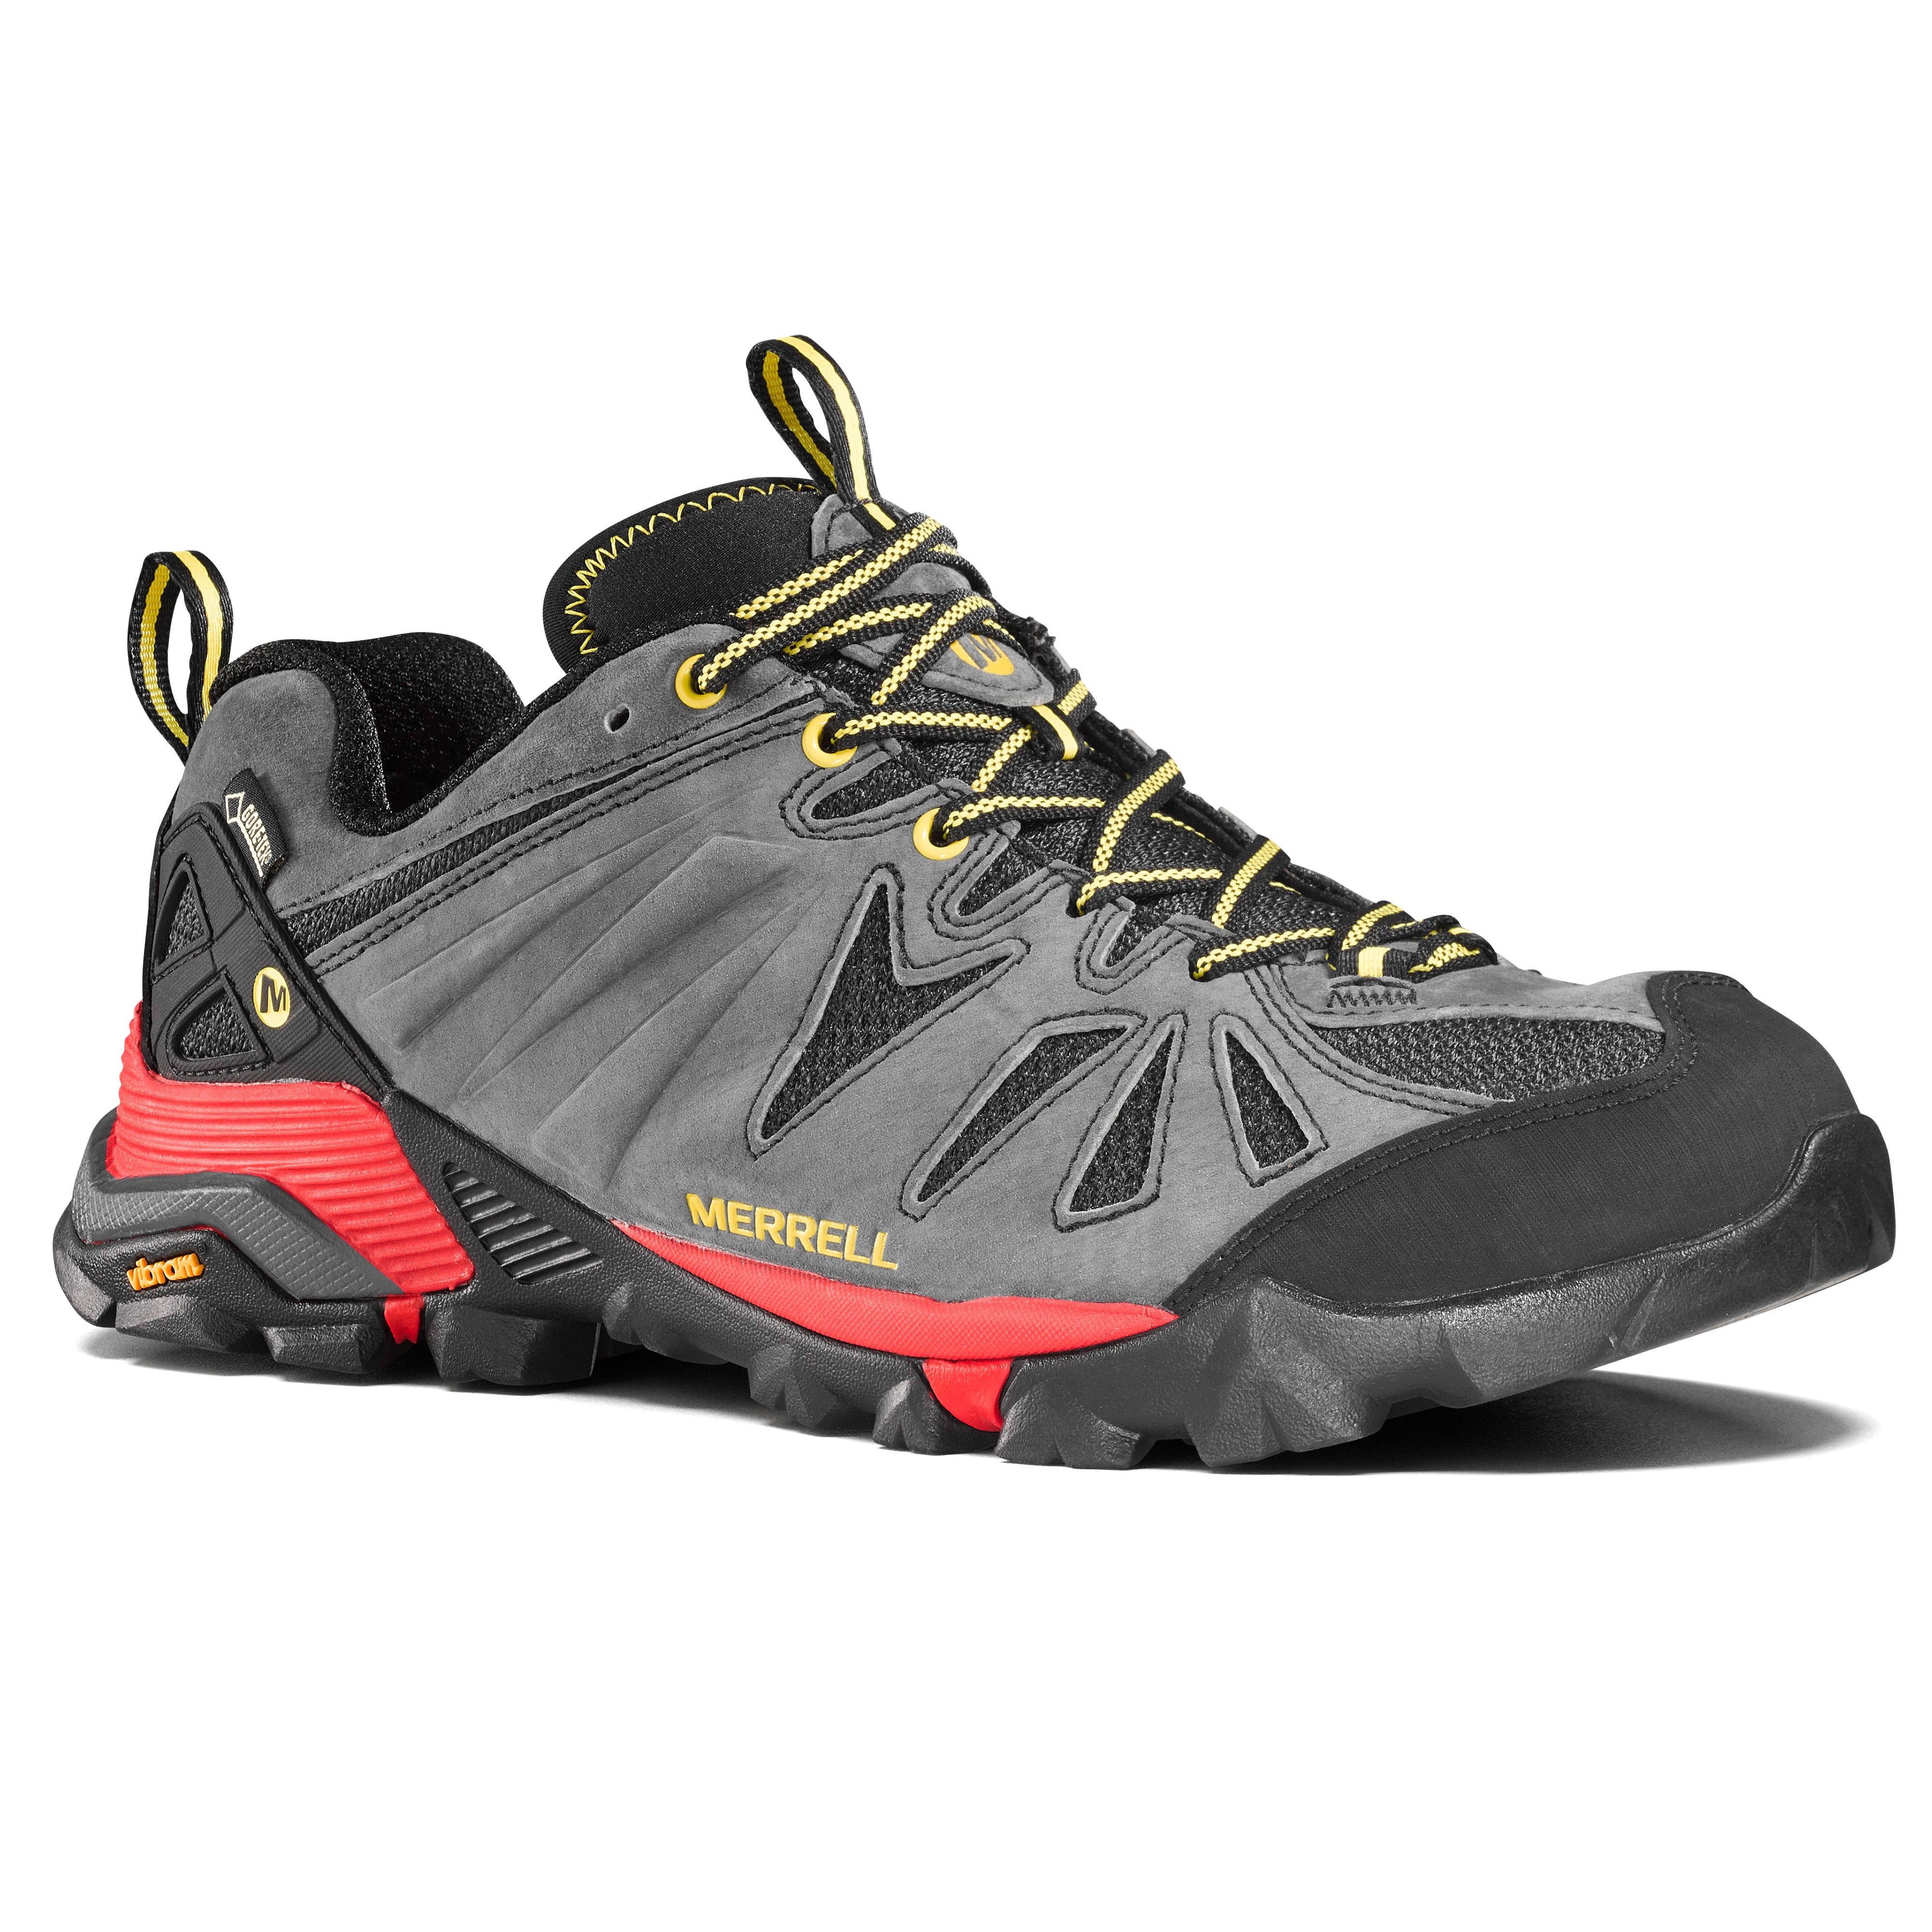 official supplier skate shoes sneakers for cheap Chaussures de randonnée montagne homme Merrell Capra Gore-Tex gris